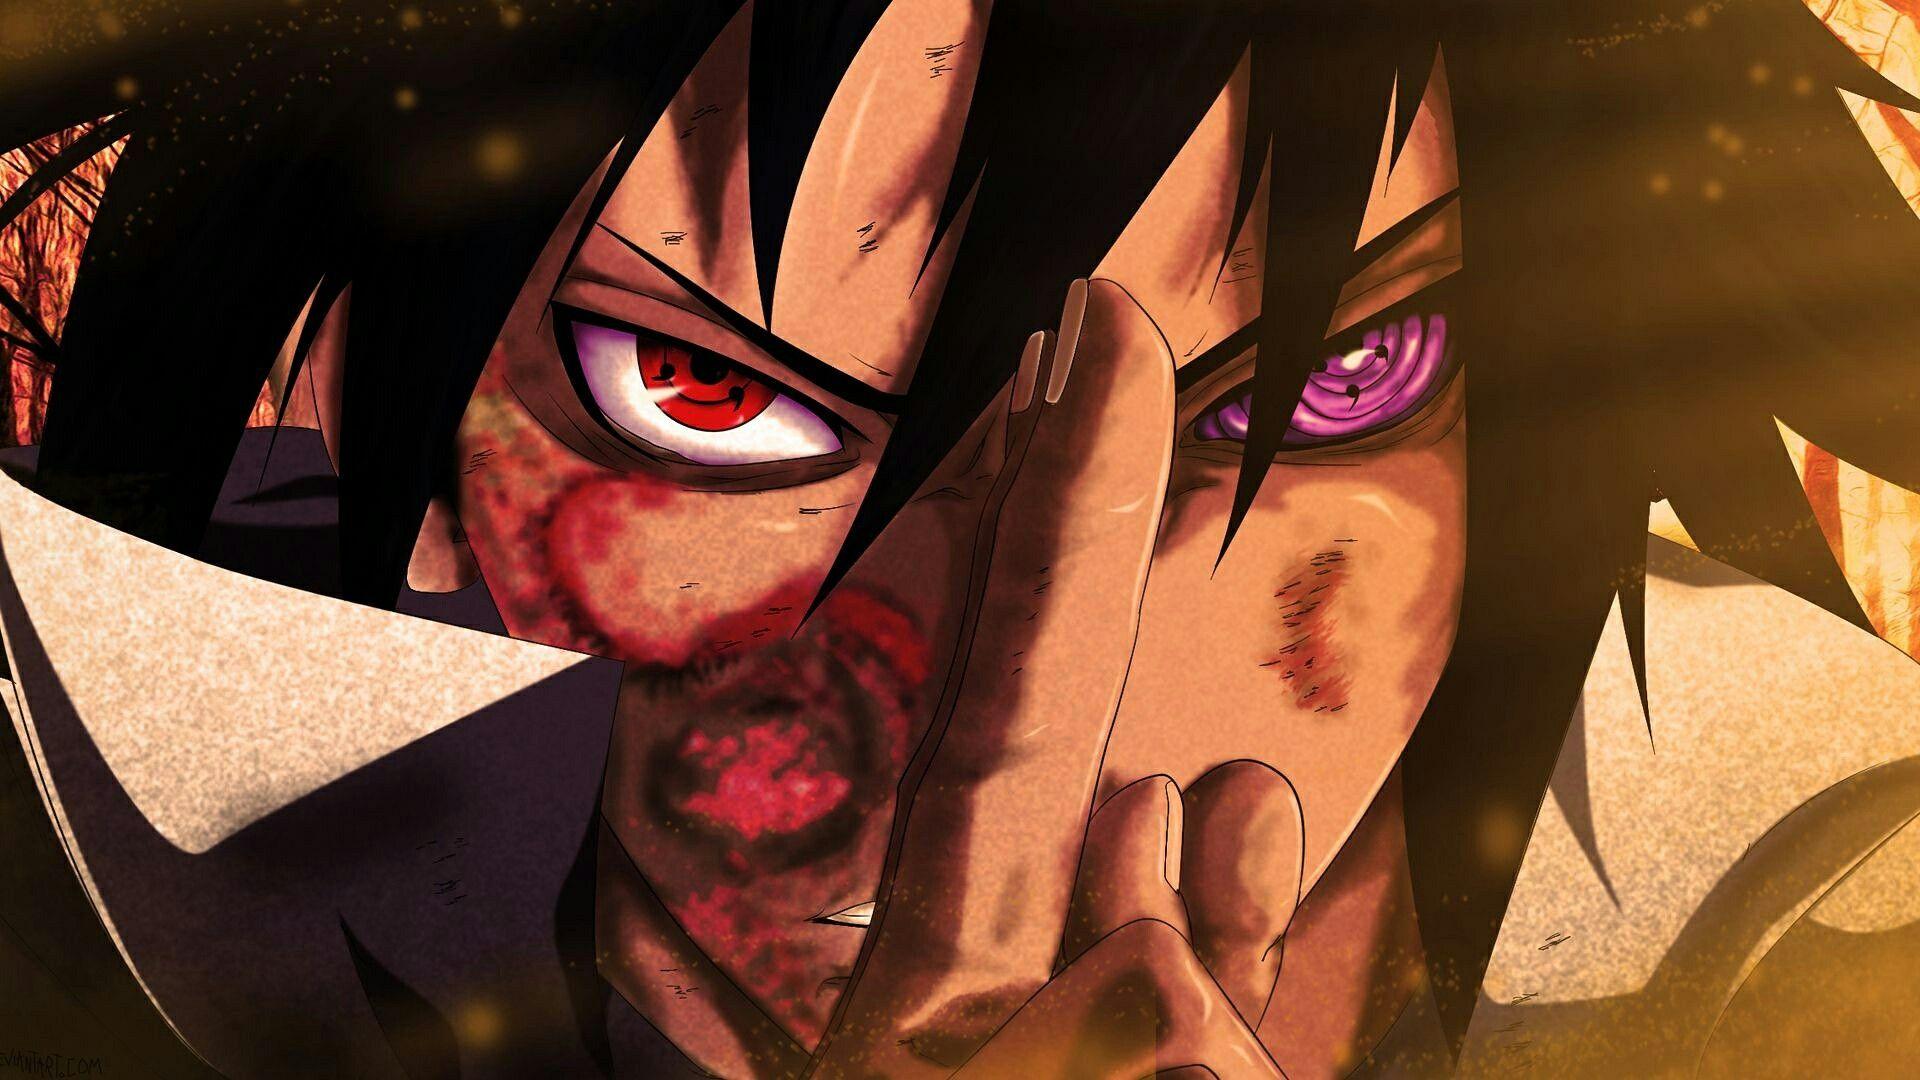 Sasuke Uchiha Rinnegan With Images Sasuke Eyes Naruto And